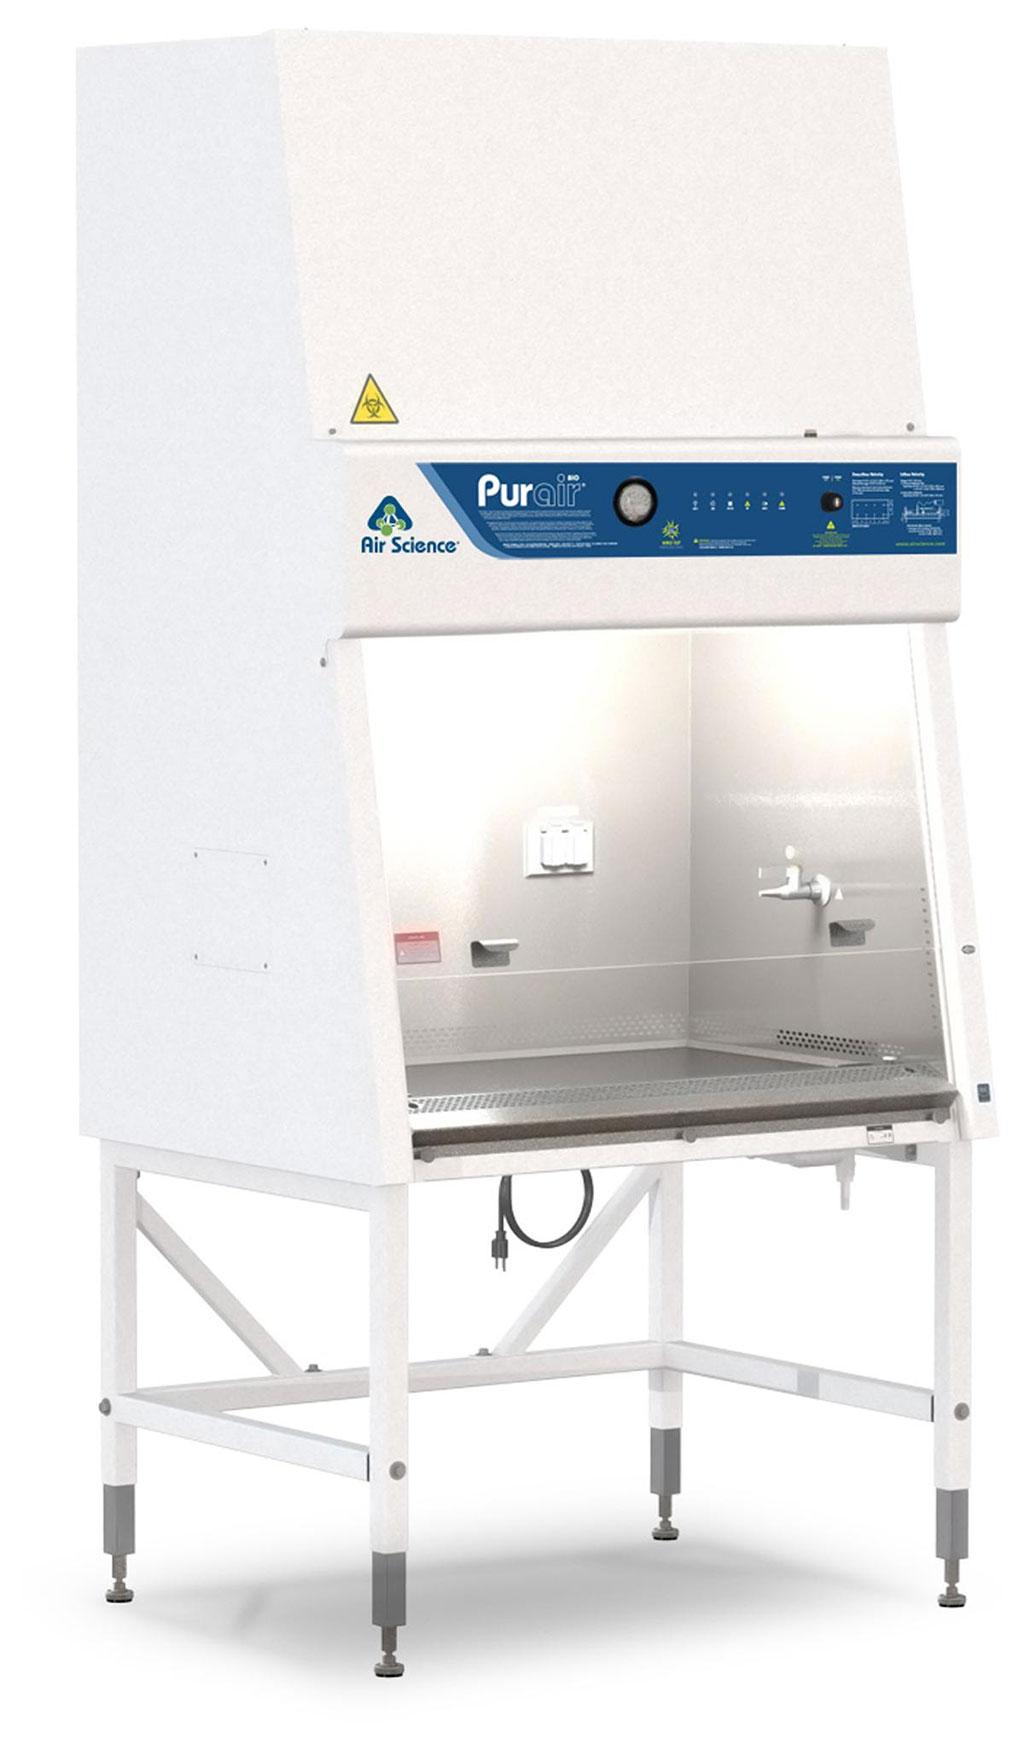 Imagen: El gabinete de seguridad biológica Purair® BIO (Fotografía cortesía de Air Science)